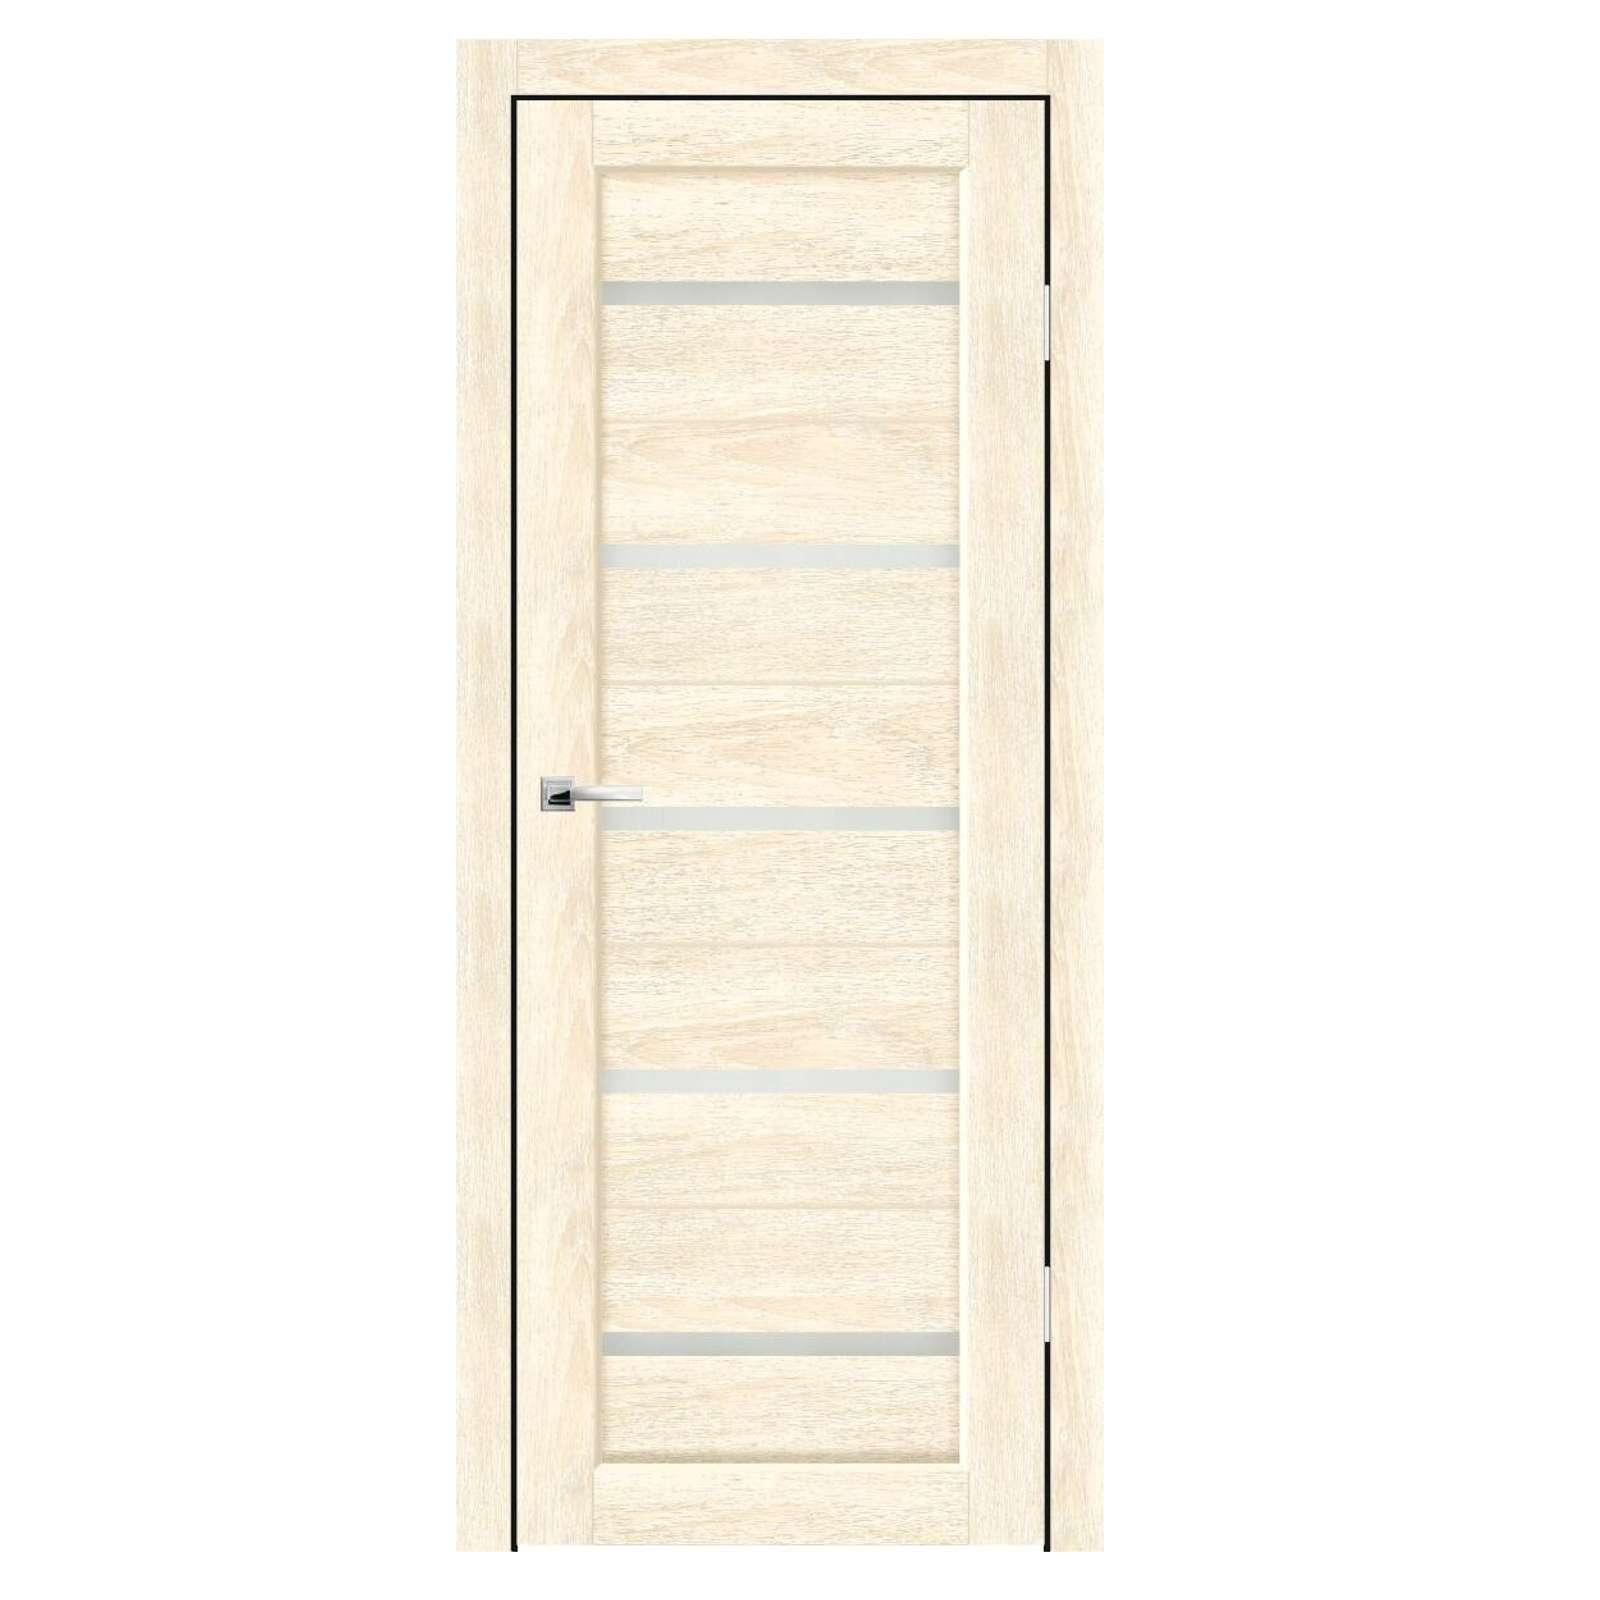 Дверное полотно Синержи Бьянка, Ваниль, ПДО 800Х2000ММ